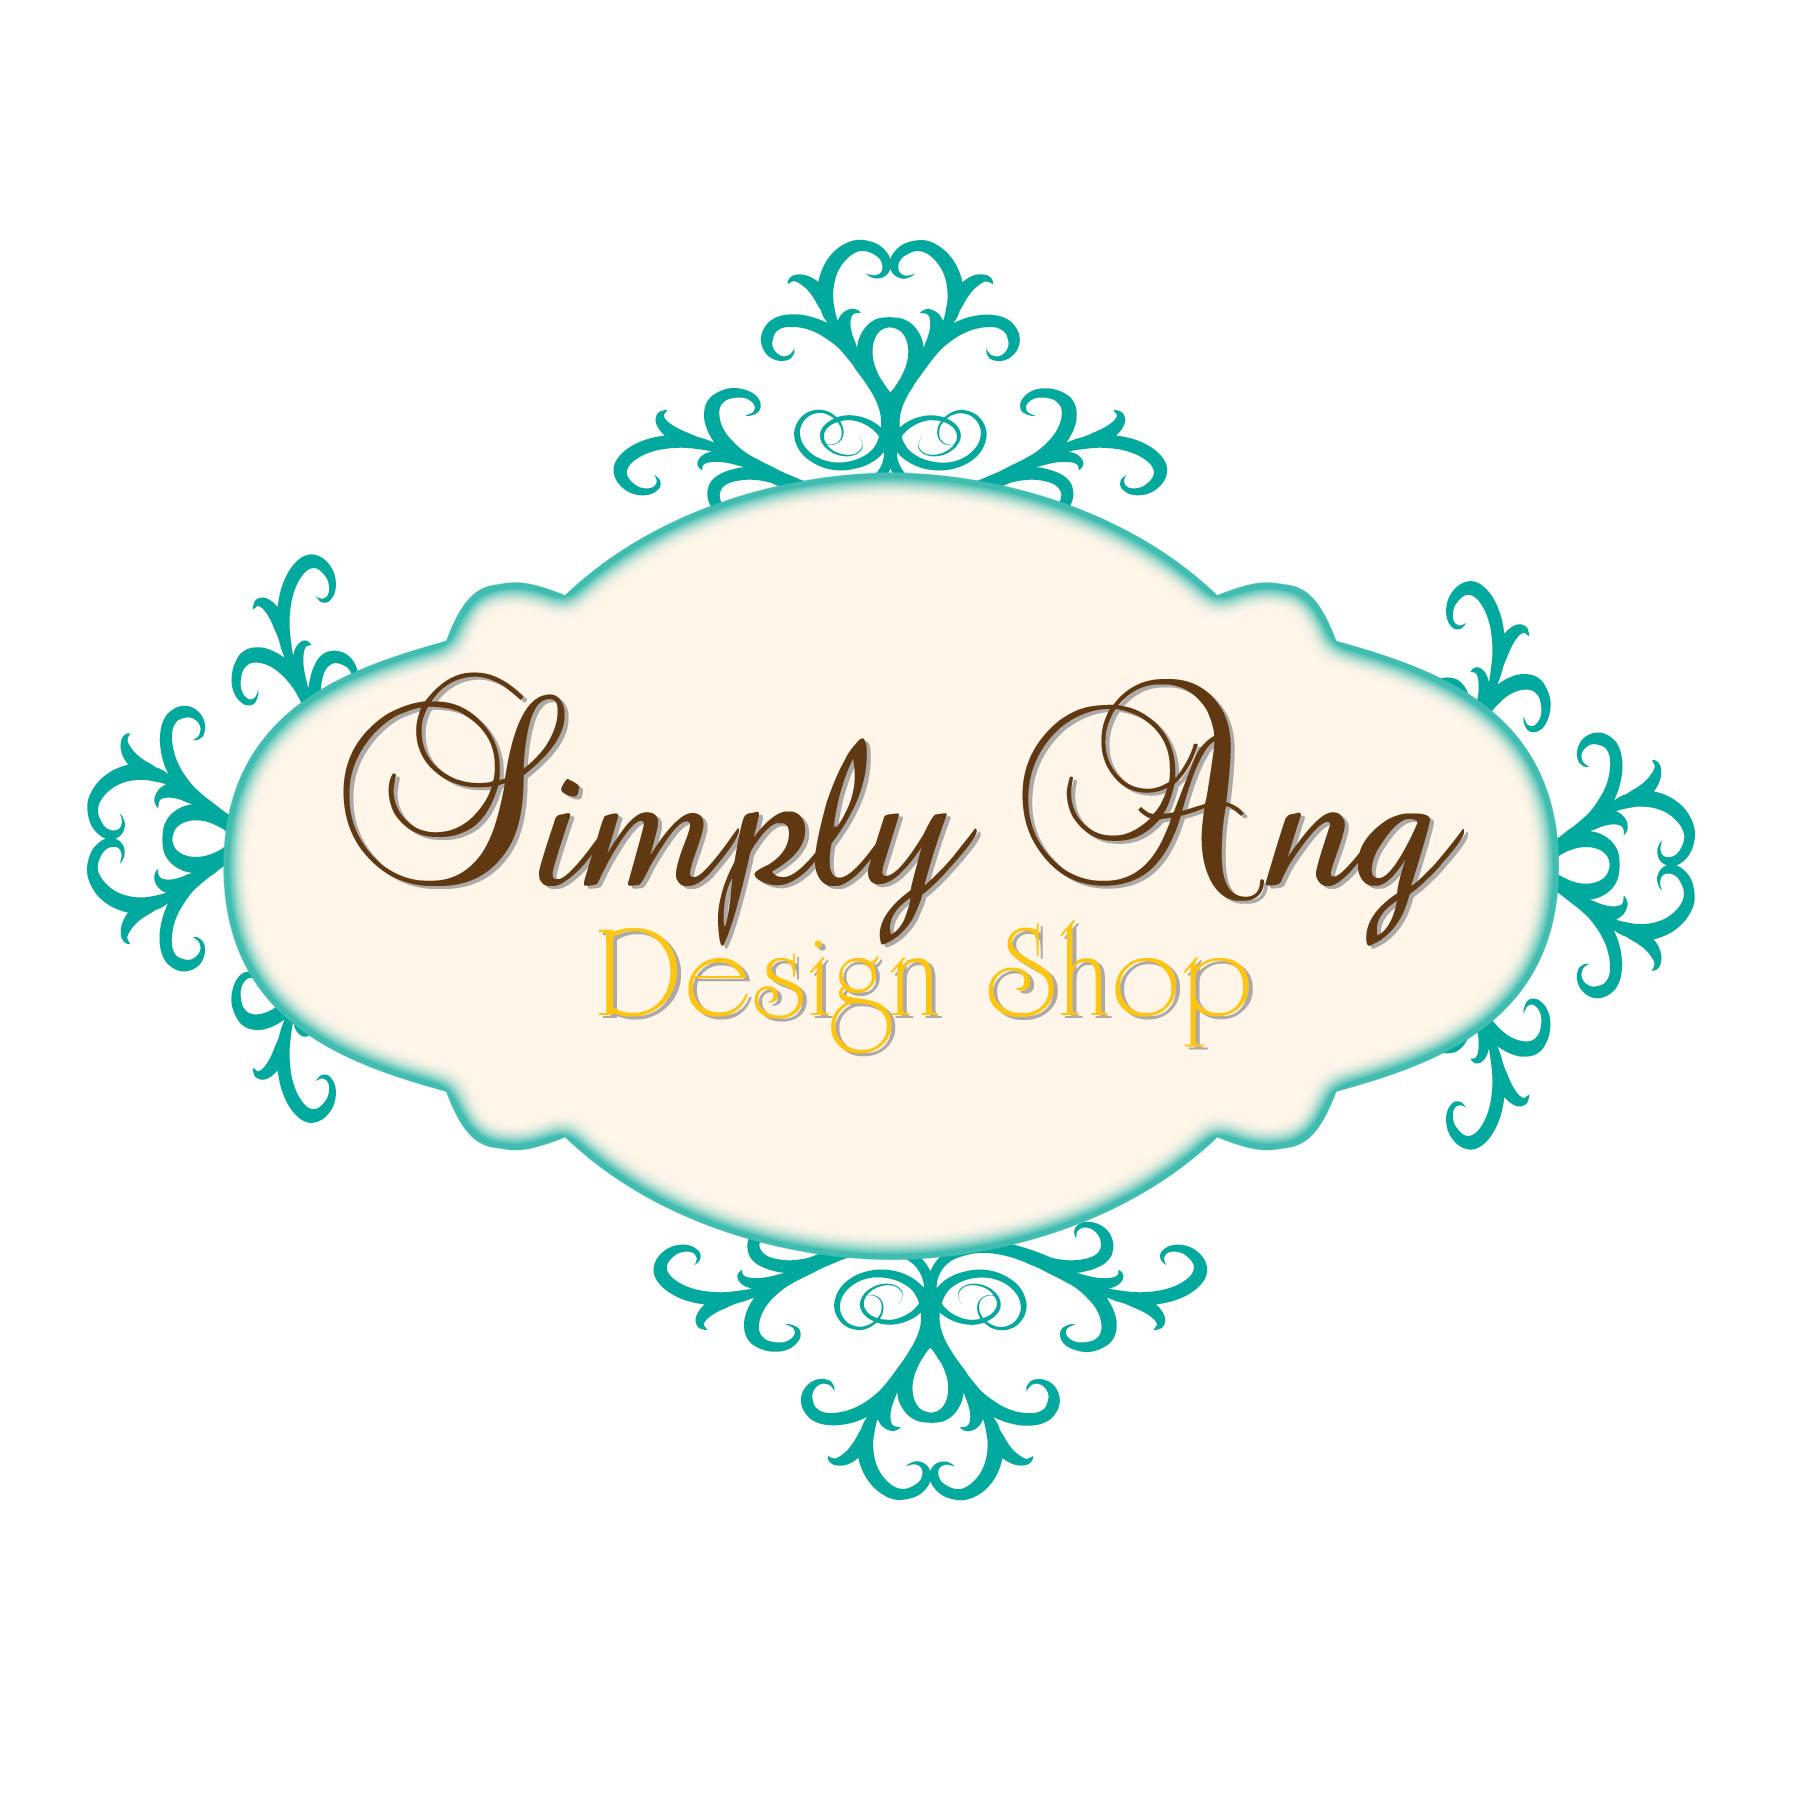 boutique logo4.jpg